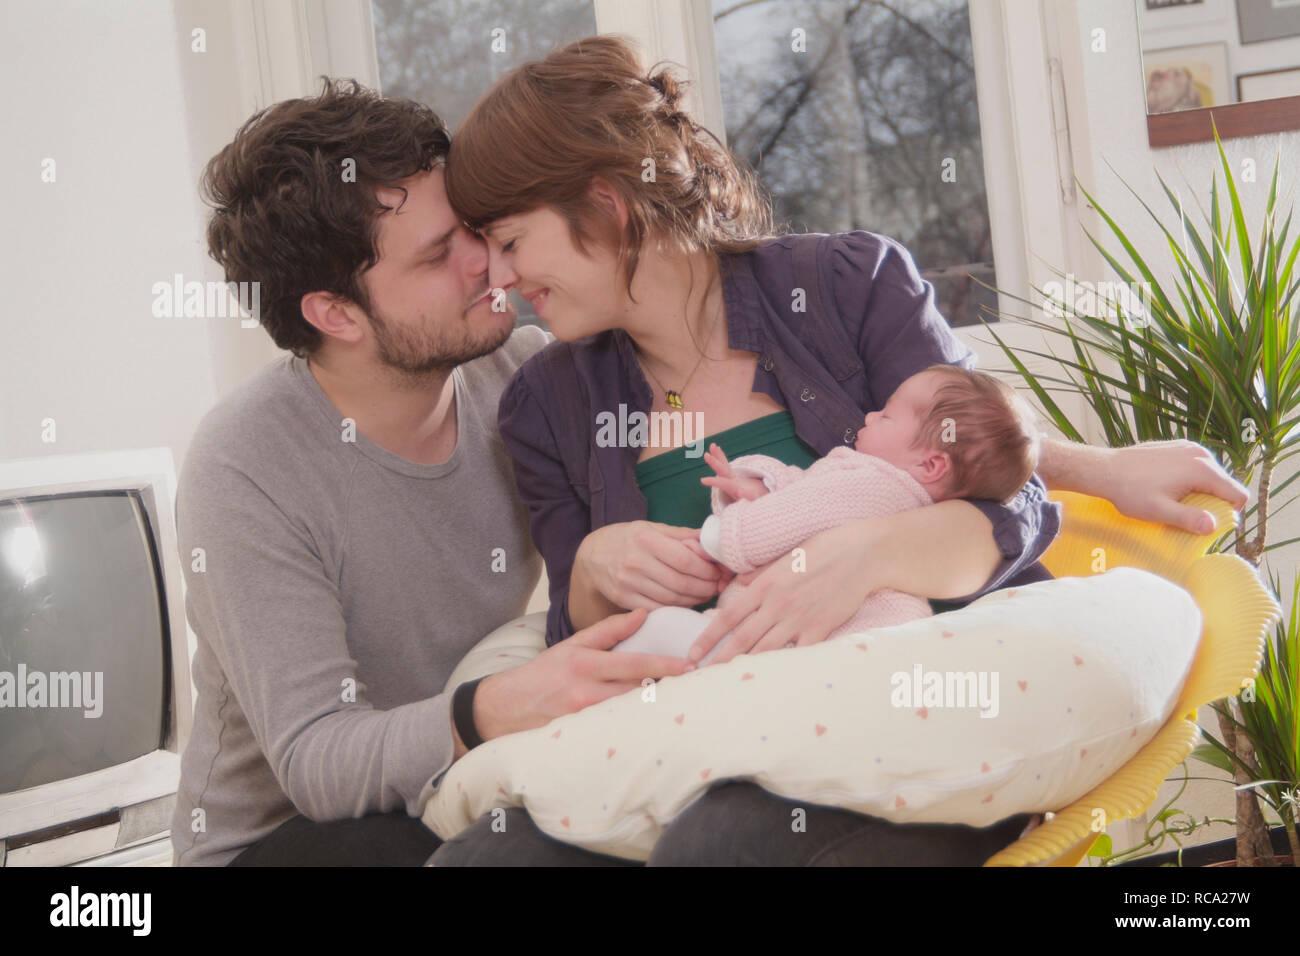 Junge Eltern halten ihre Tochter neugeborene im, brazo tipo das ist 12 Tage alt | padres jóvenes sostiene a su bebé recién nacido en sus brazos - el bebé ist 12 Foto de stock